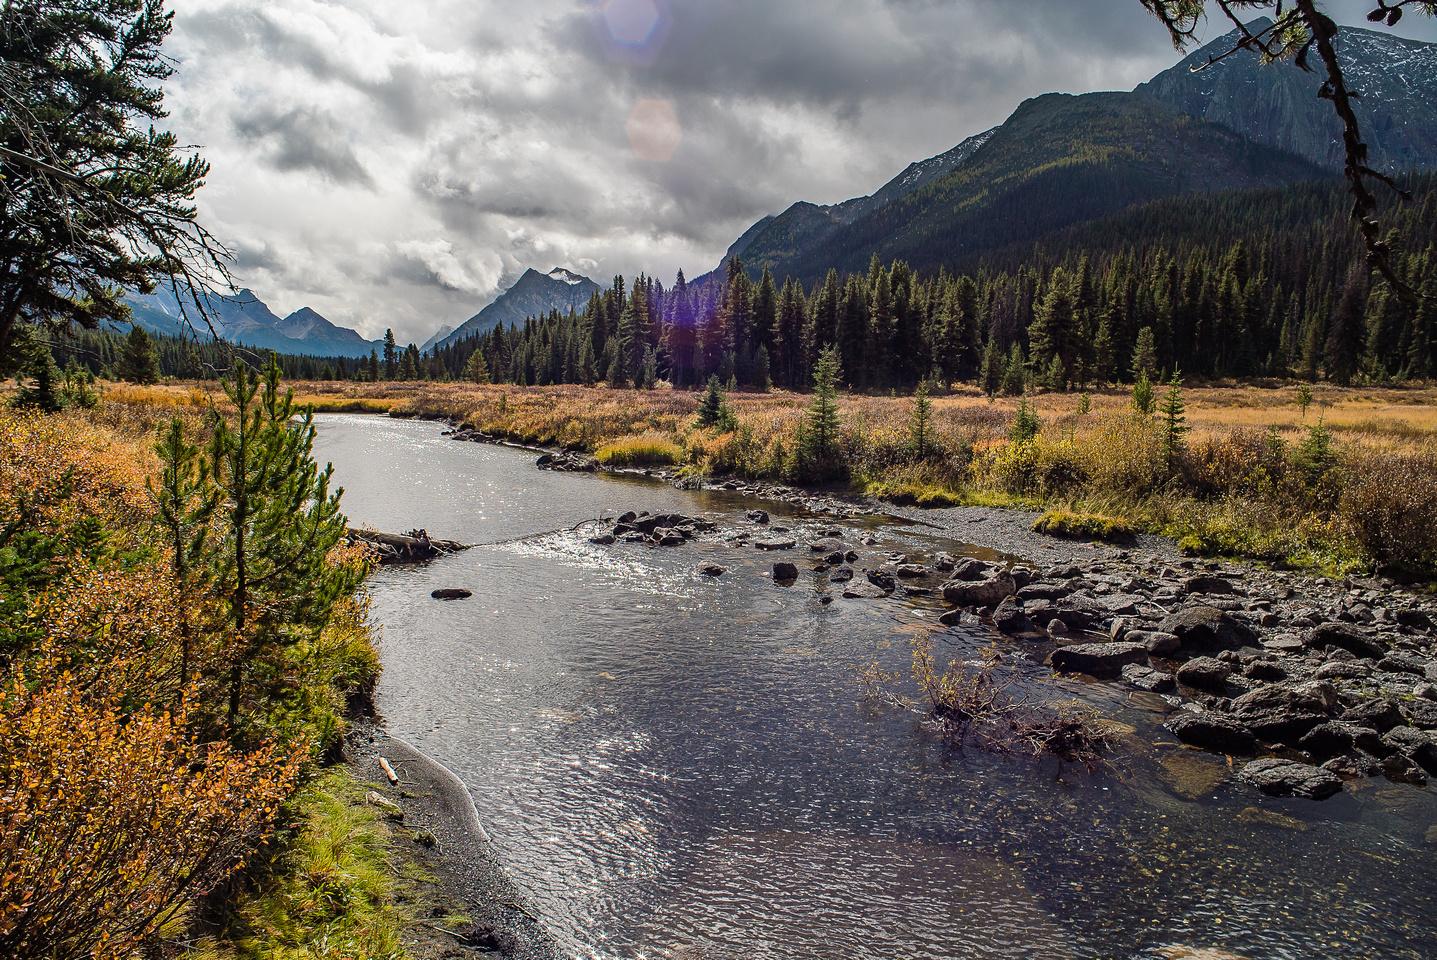 The Spray River.